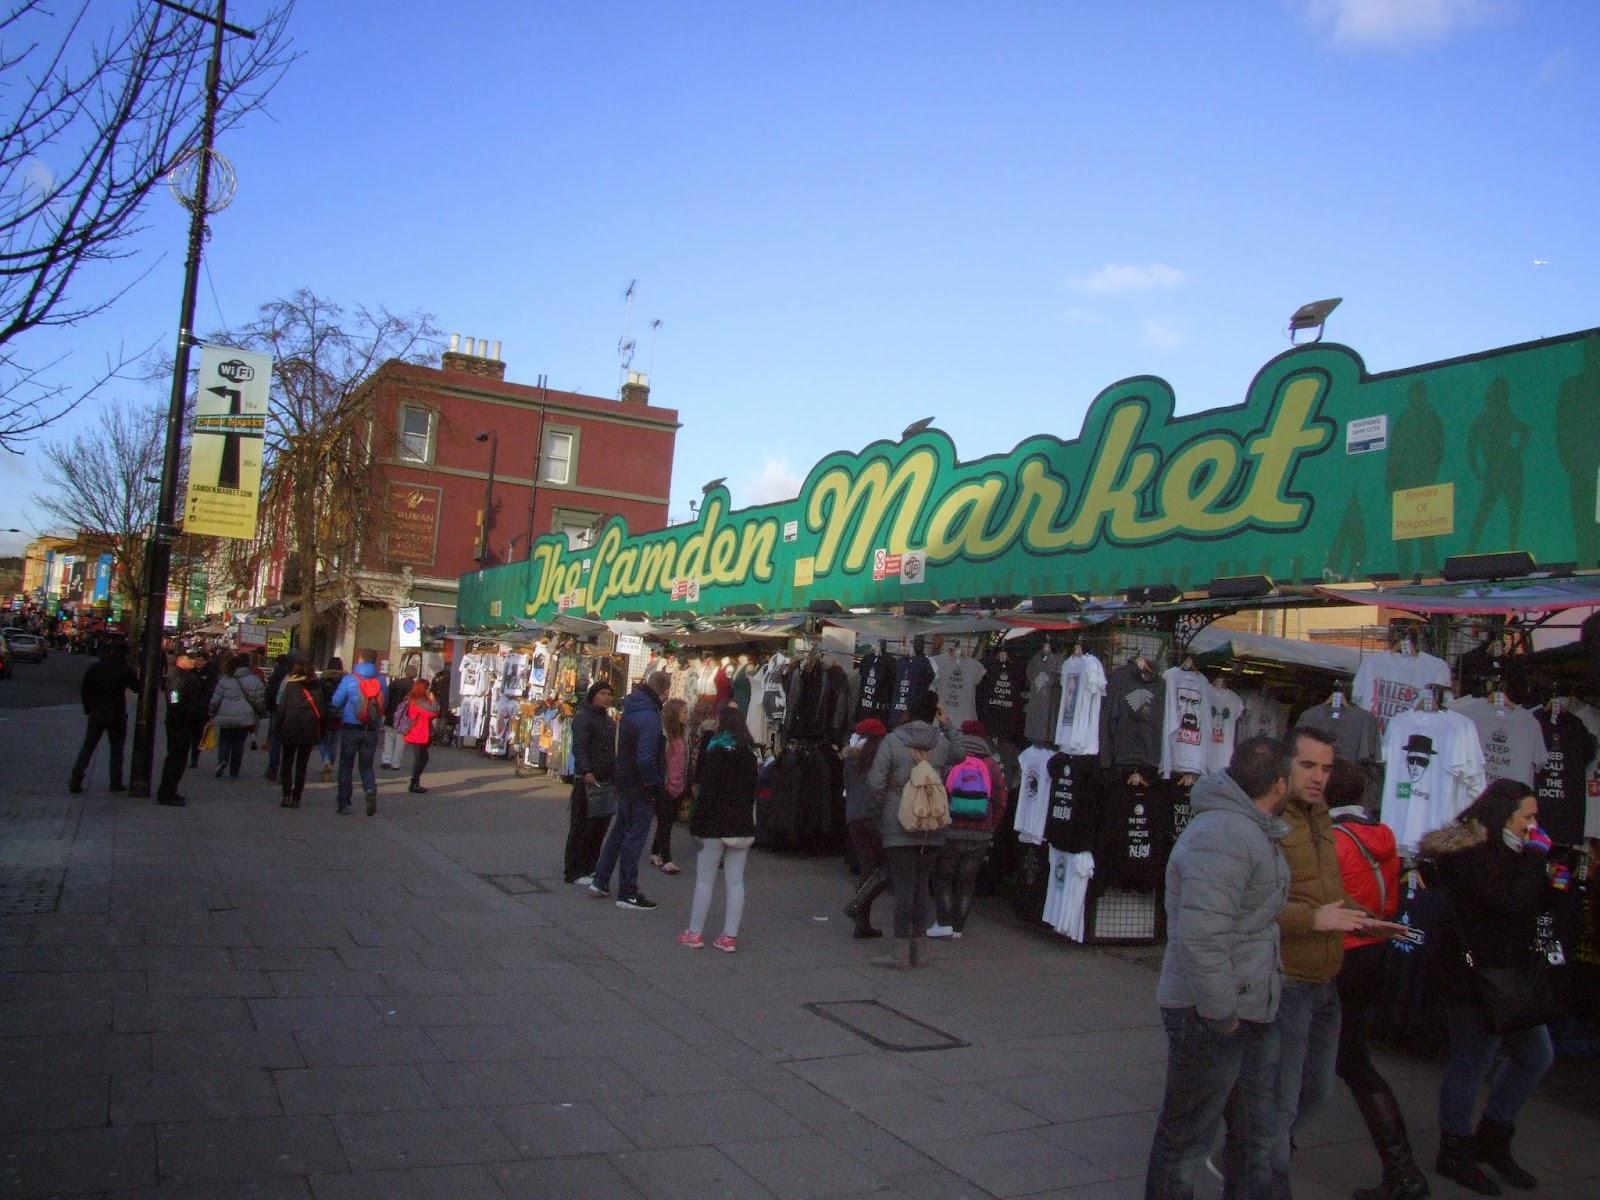 Camden Market - stragan z koszulkami.